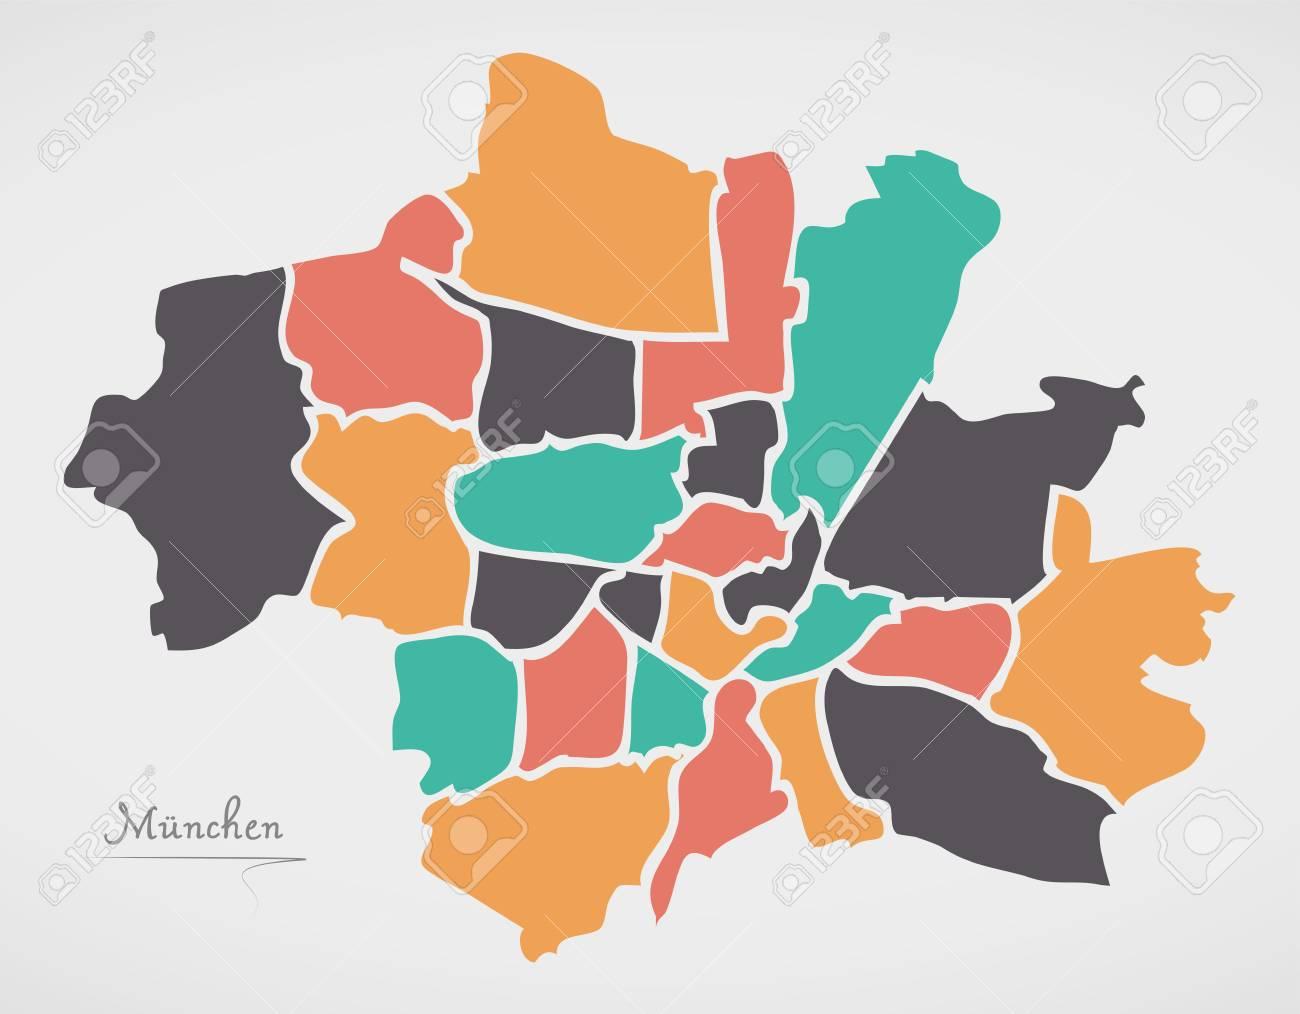 Munchen Karte Mit Stadtbezirke Und Modernen Runden Formen